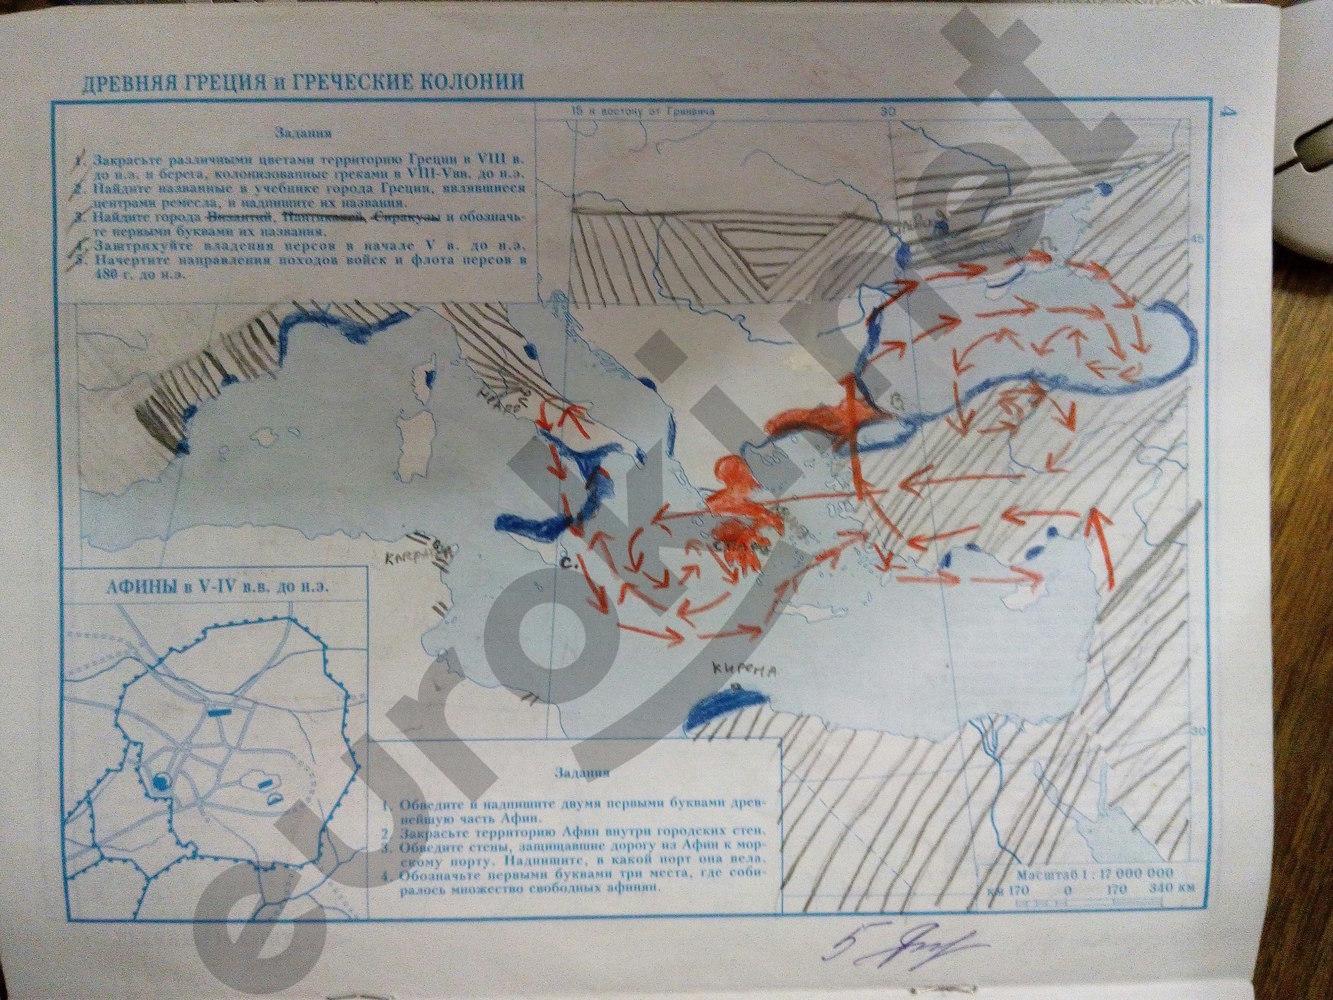 ГДЗ по истории 5 класс контурные карты Стоялова. Задание: стр. 4